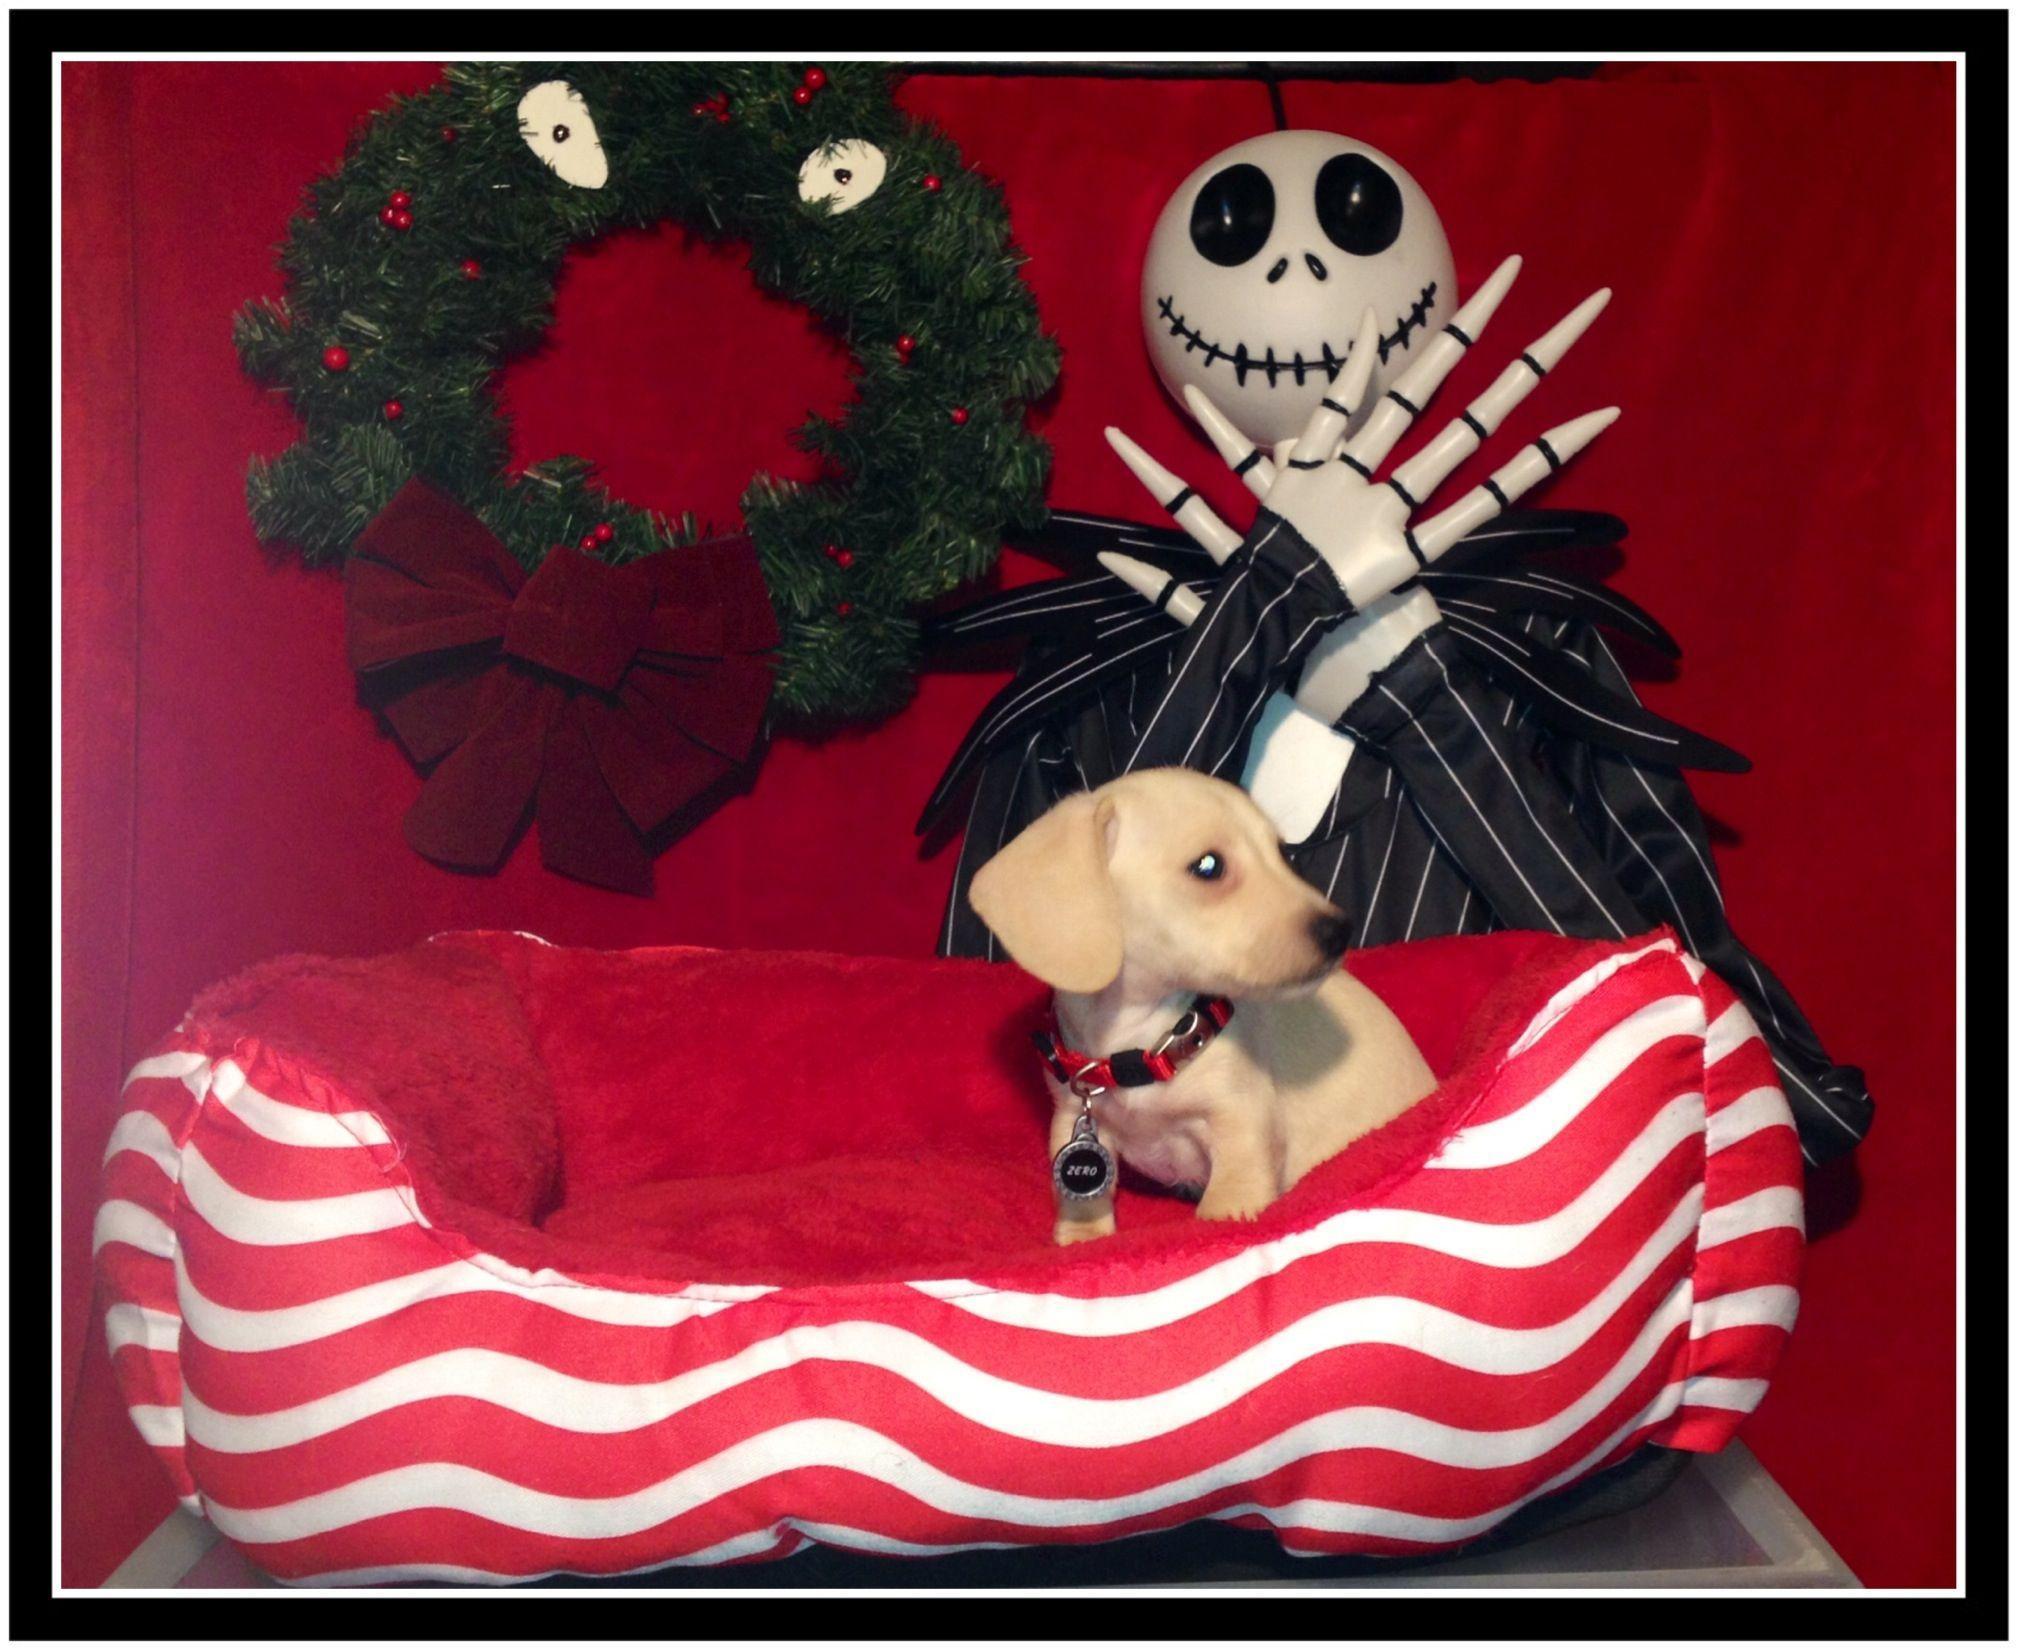 Nightmare before Christmas photo shoot timburton